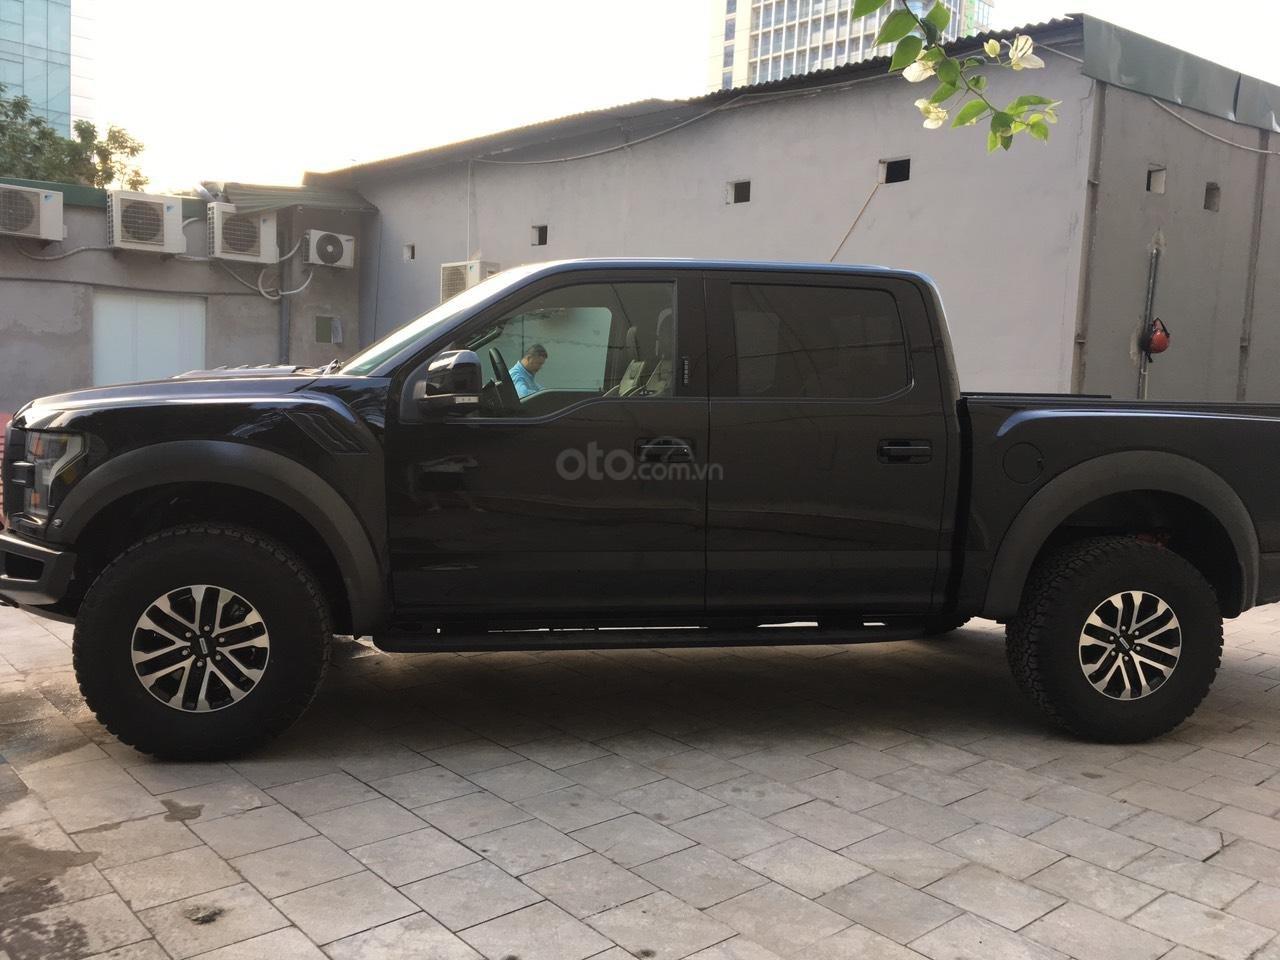 Bán siêu bán tải Ford F150 Raptor 2020, giá tốt giao ngay toàn quốc. LH Ms. Ngọc Vy 093.996.2368 (8)